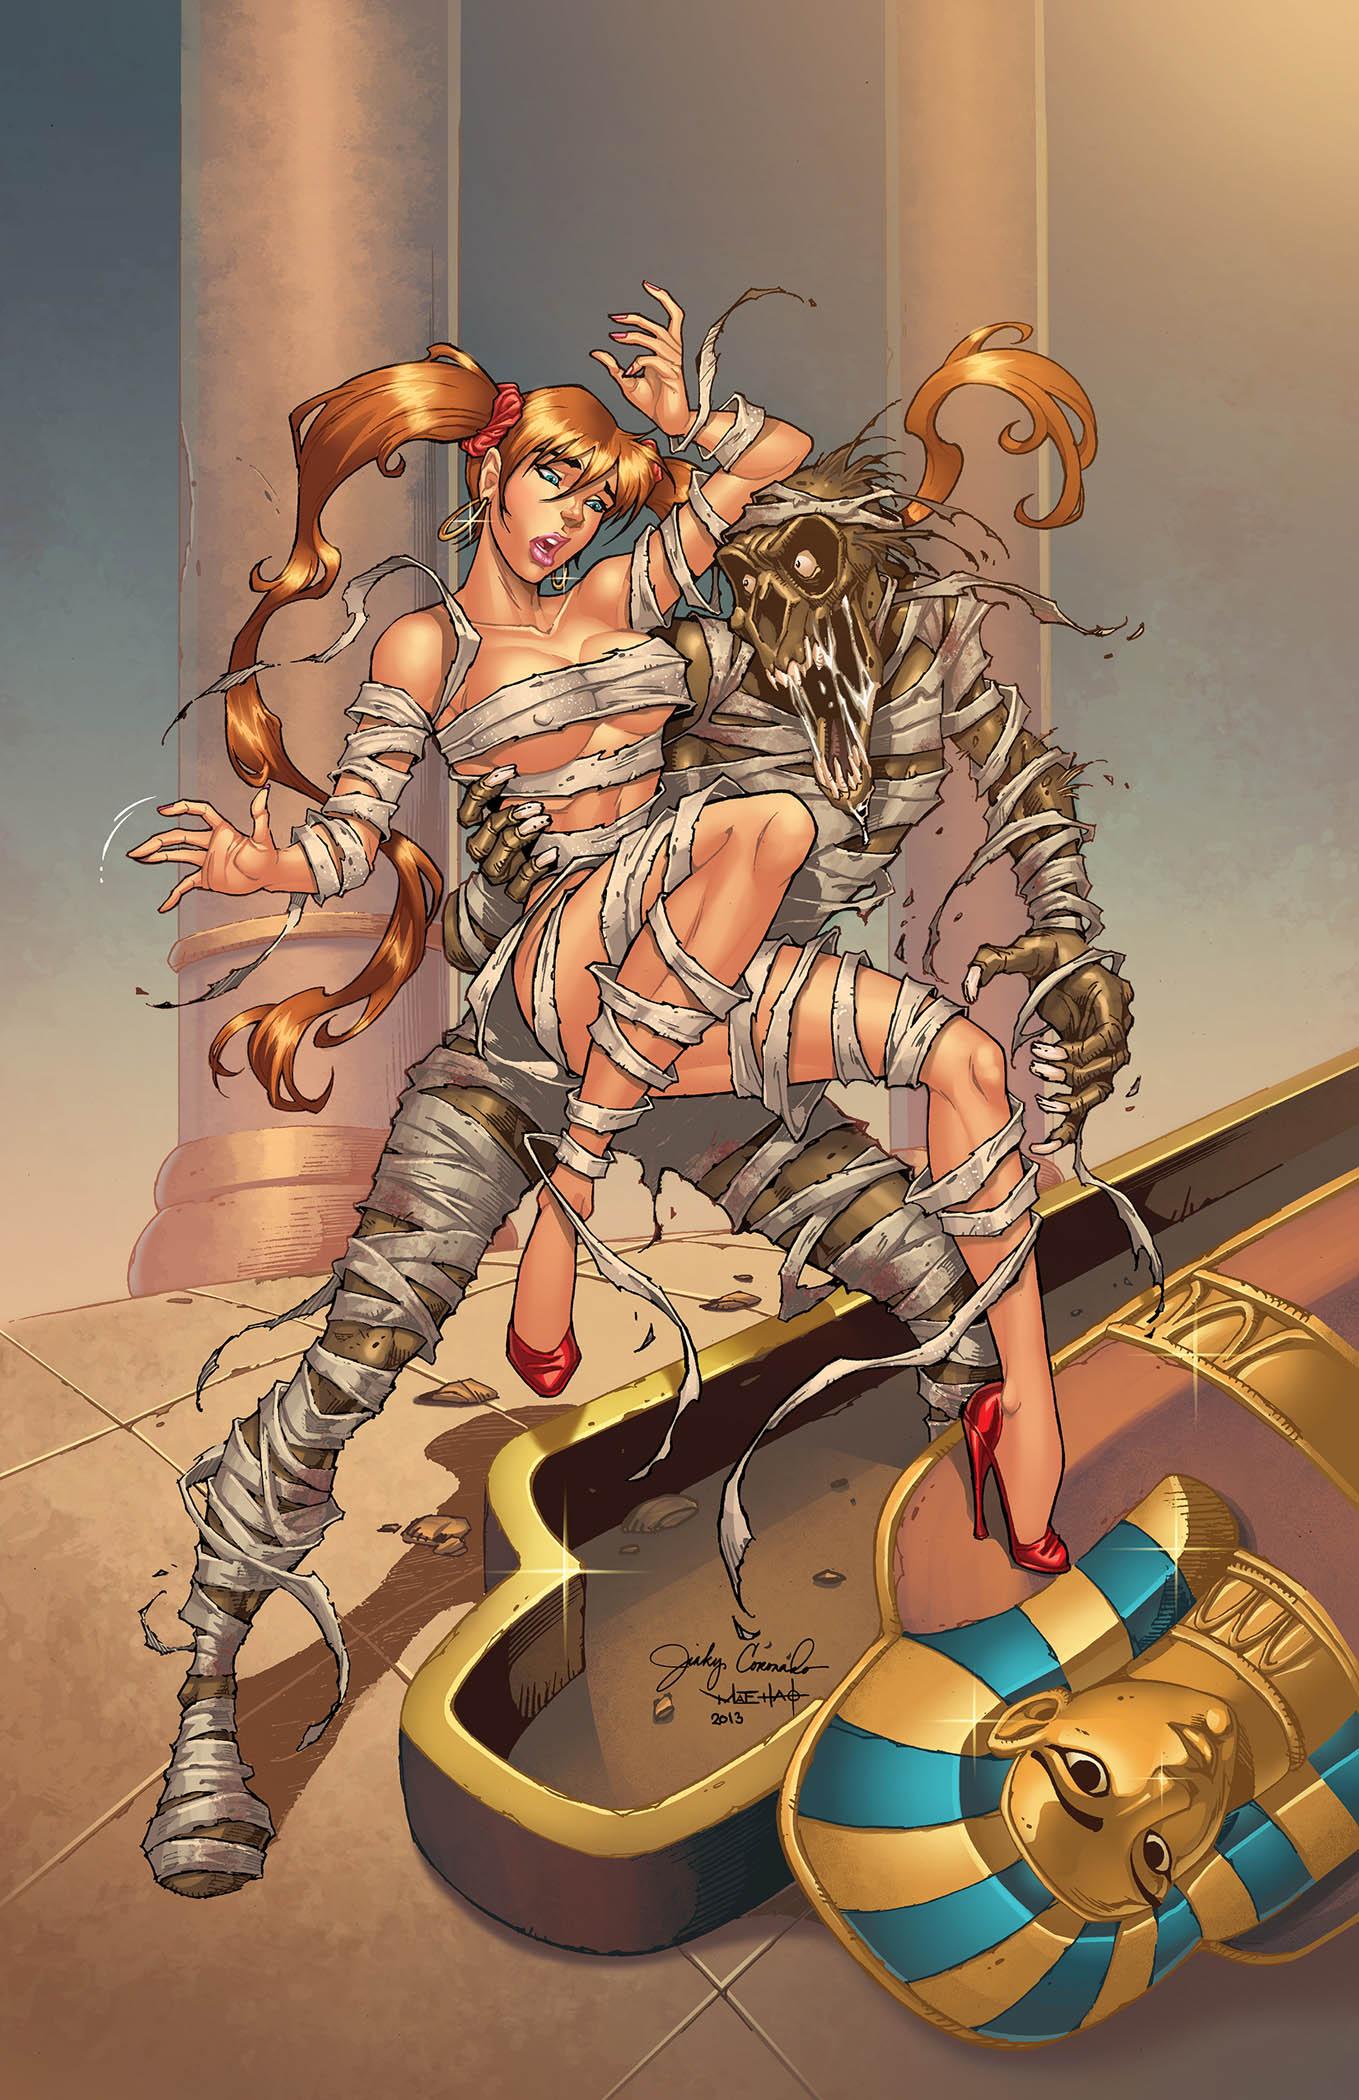 BANZAI GIRL: THE MUMMY RETURNS! (Final color) by Jinky Coronado